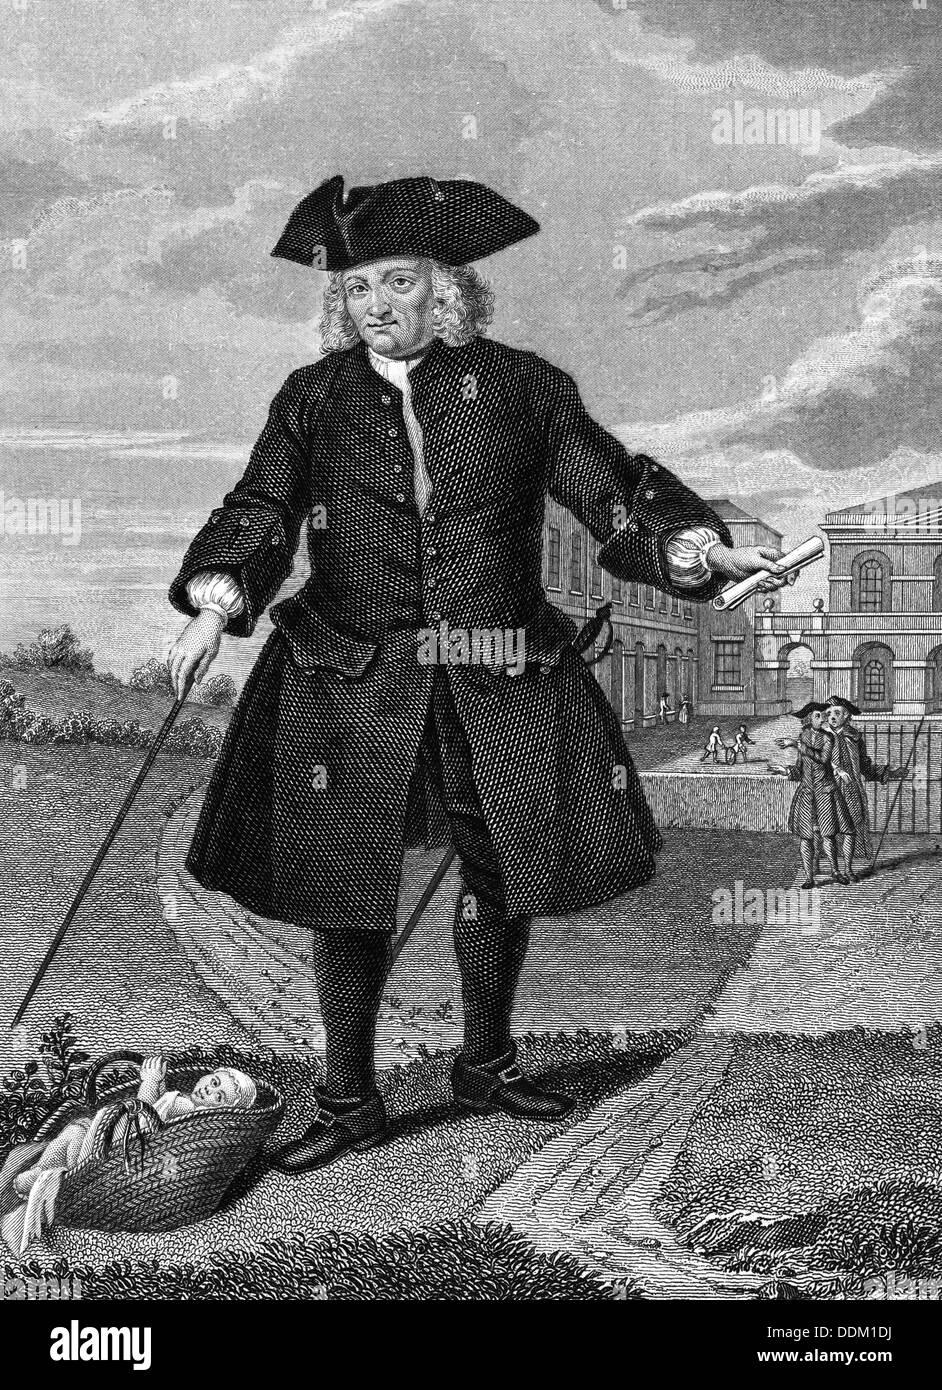 Thomas Coram outside the Foundling Hospital, London, (c1750?). - Stock Image